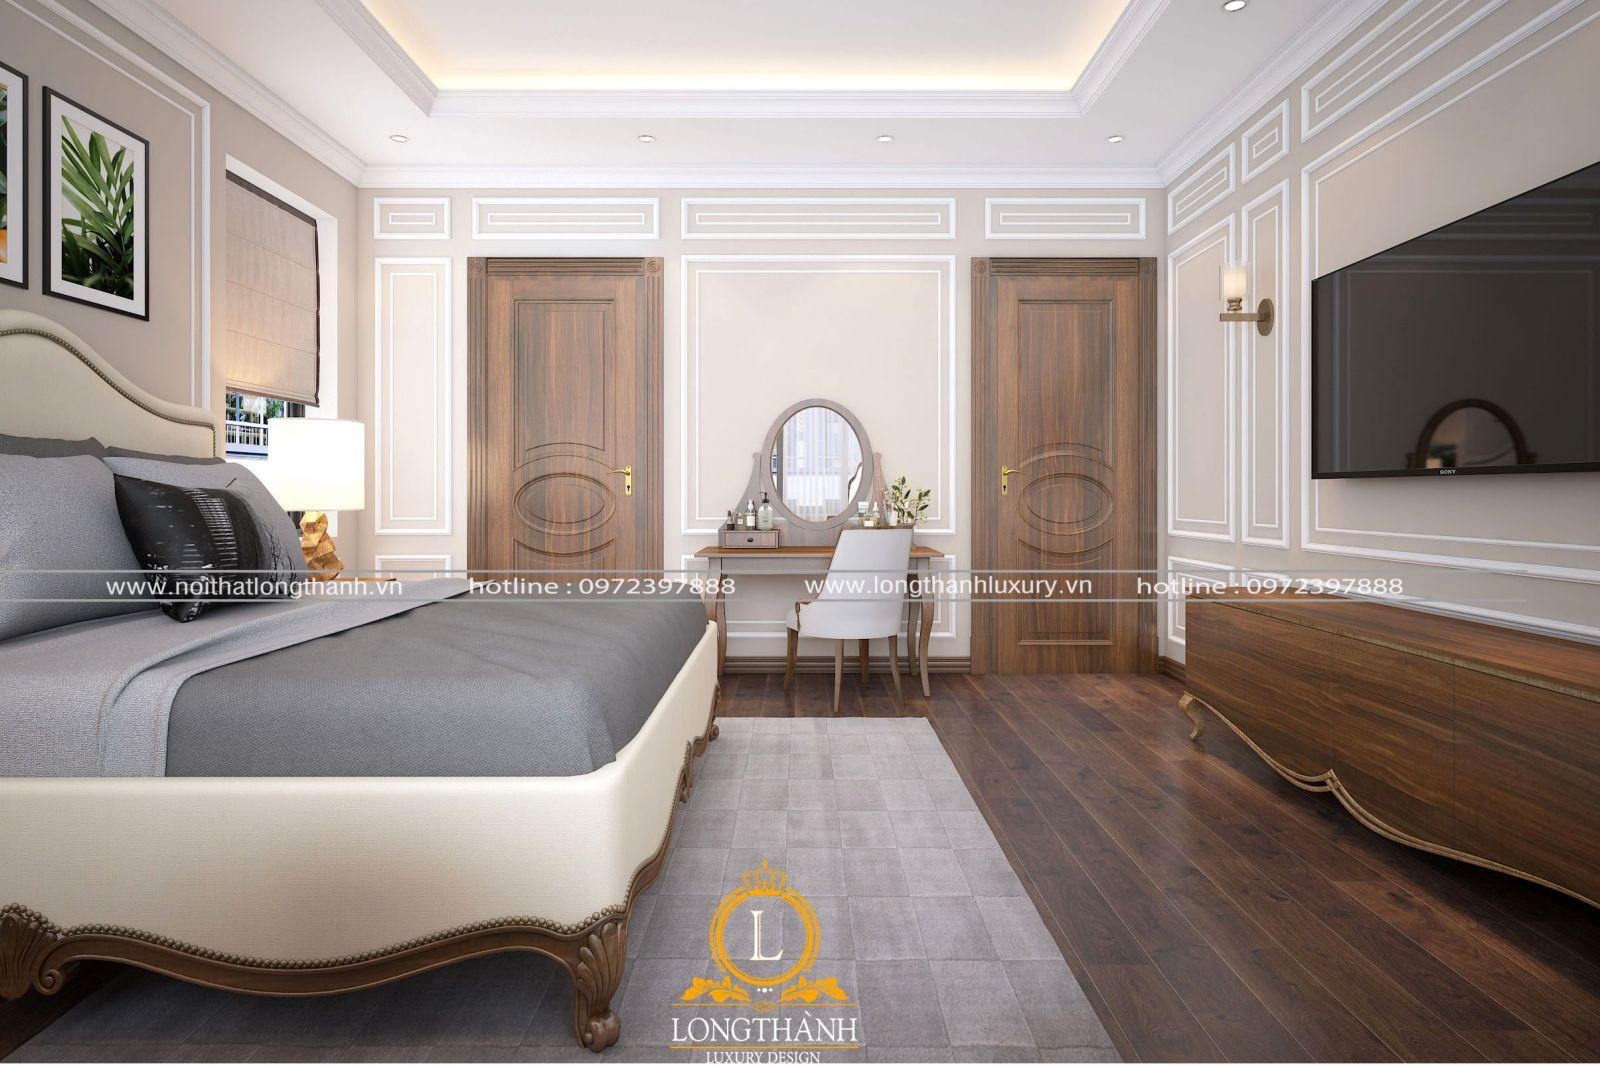 Cửa thông phòng phòng ngủ master và phòng vệ sinh cóđường vân đều đẹp